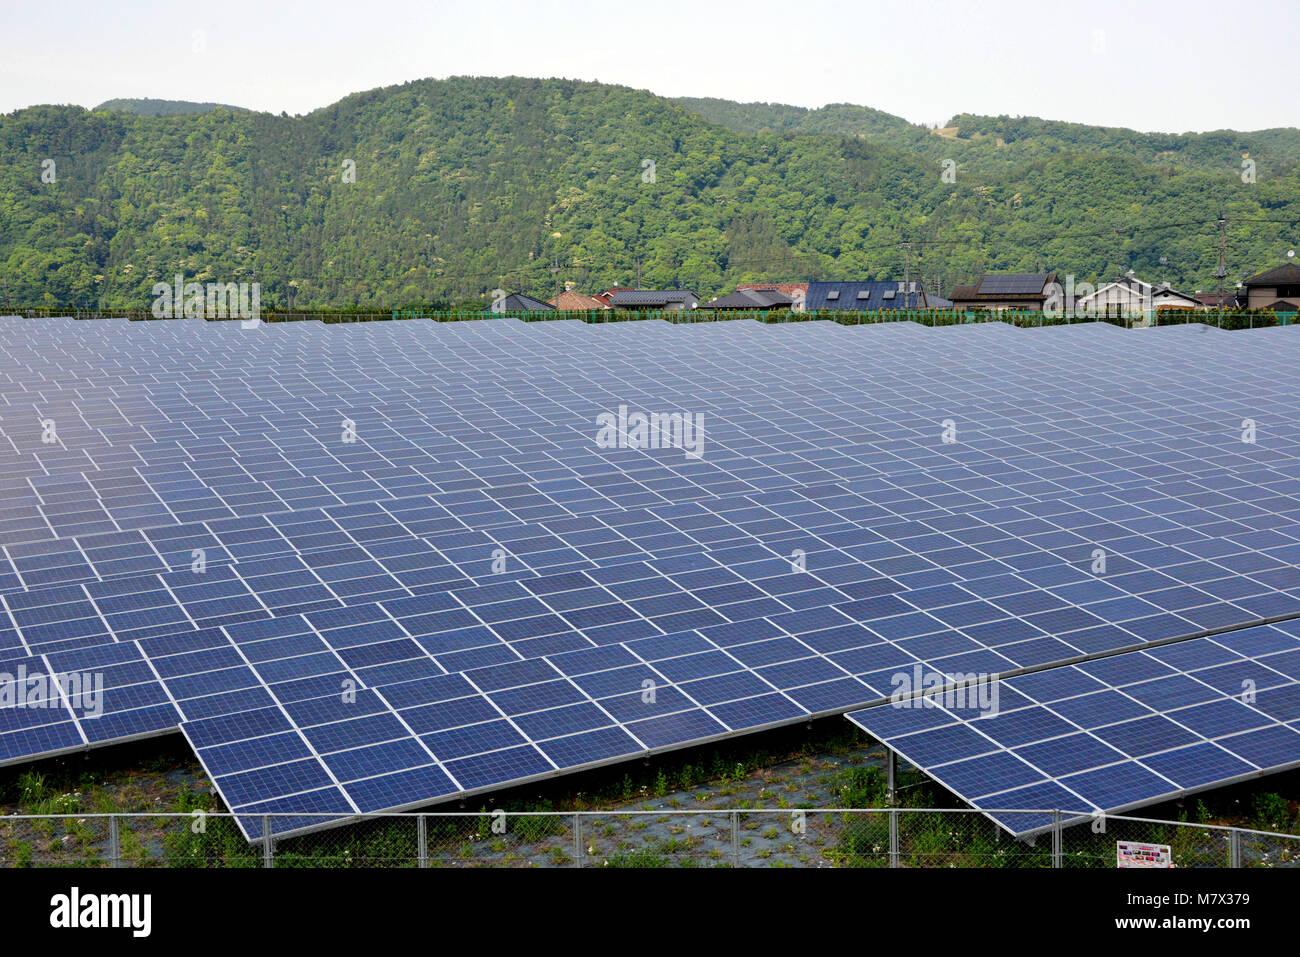 Japan: Aikawa Solar Power Plant in Kanagawa Prefecture - Stock Image